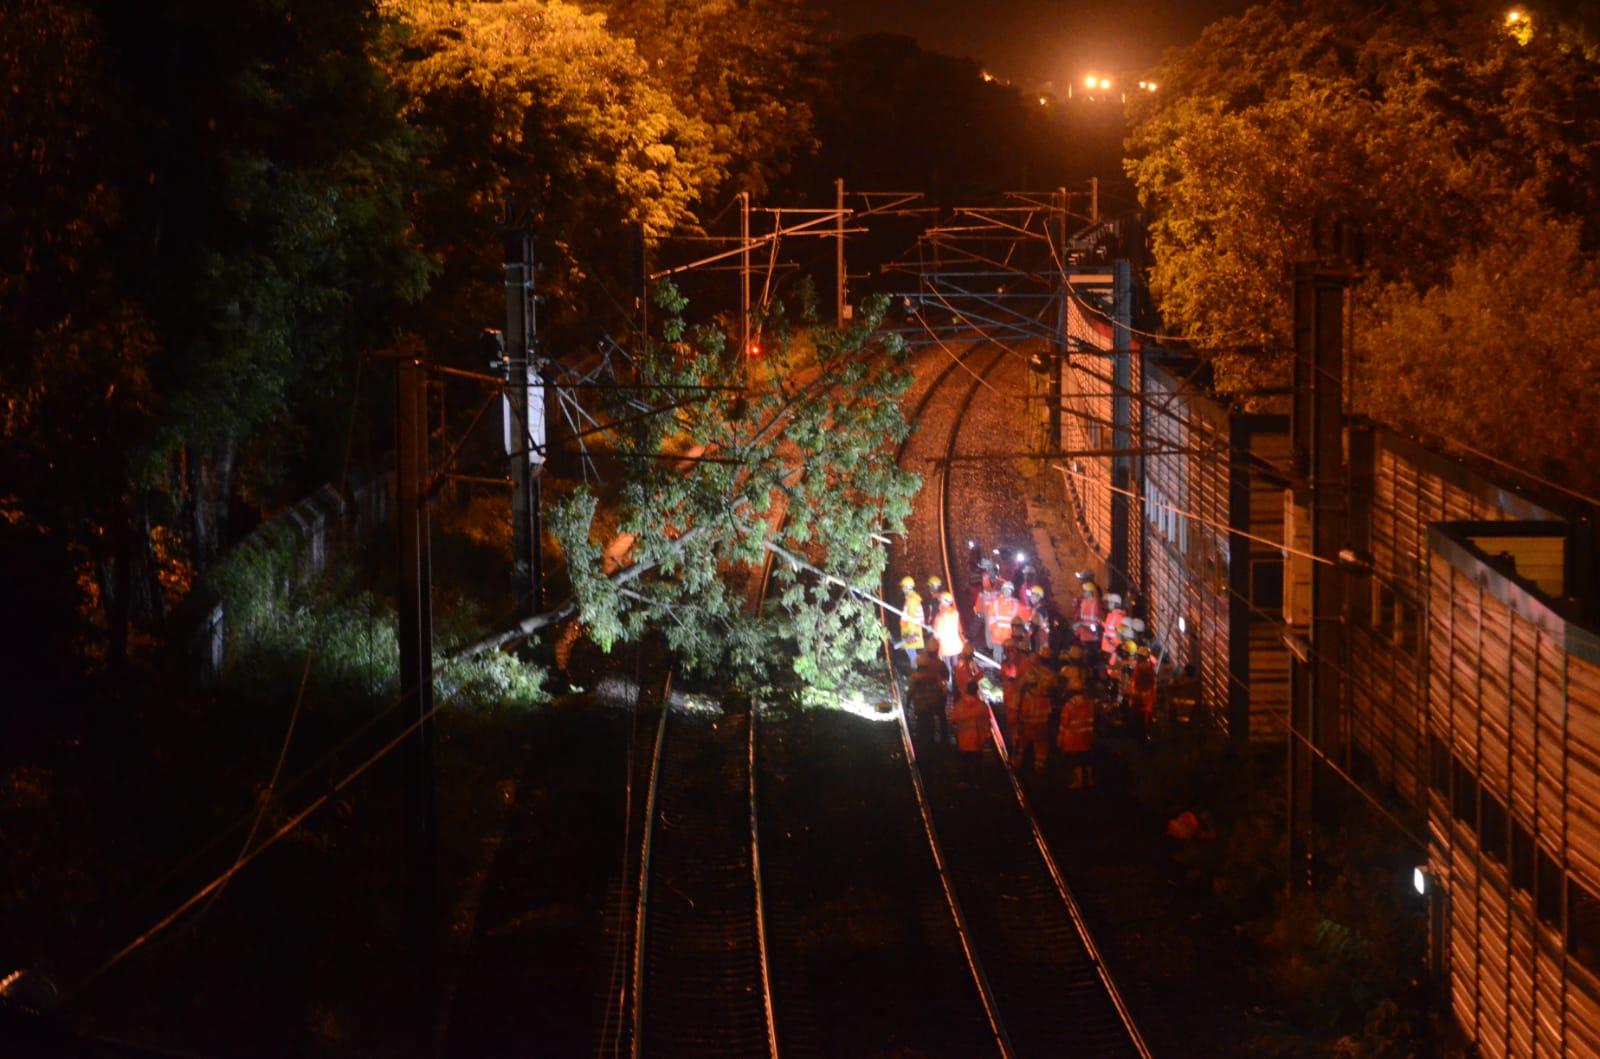 架空電纜受樹木倒塌影響出現跳制。